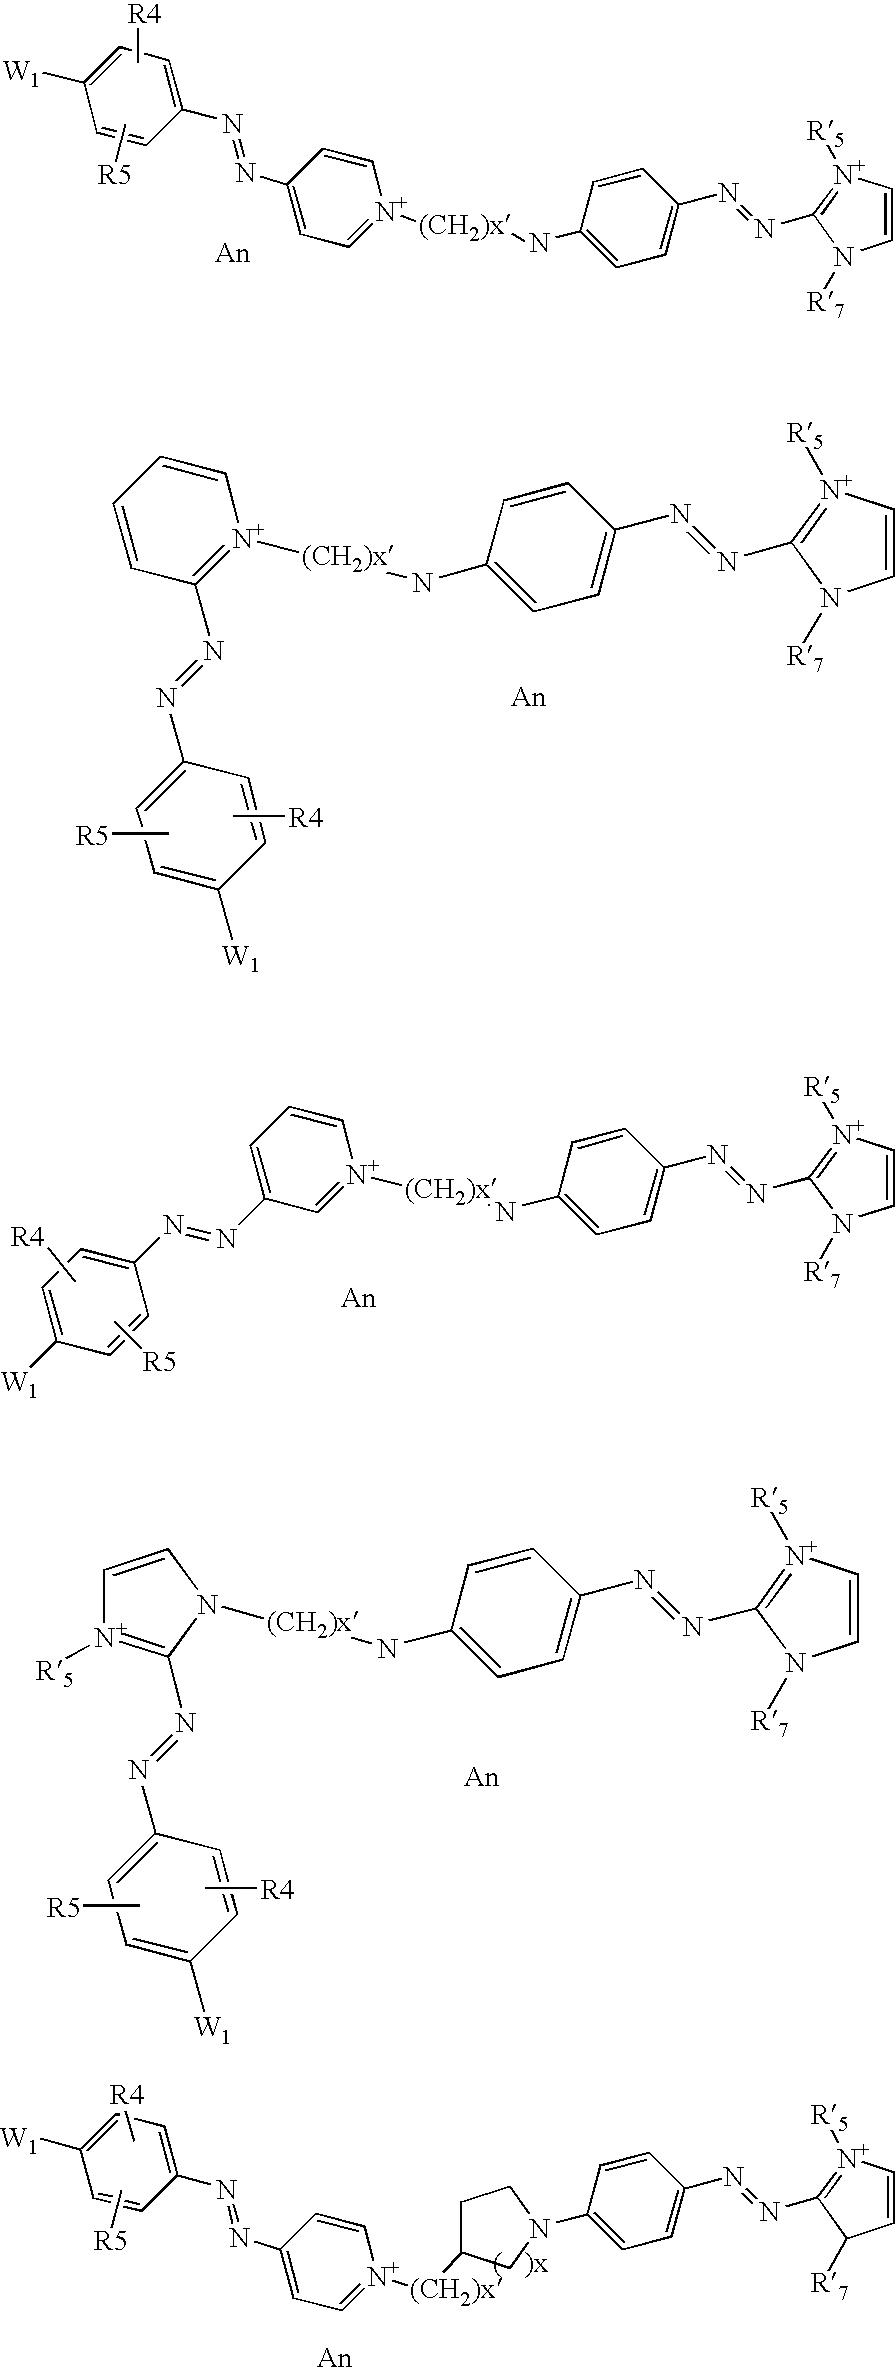 Figure US07288122-20071030-C00006